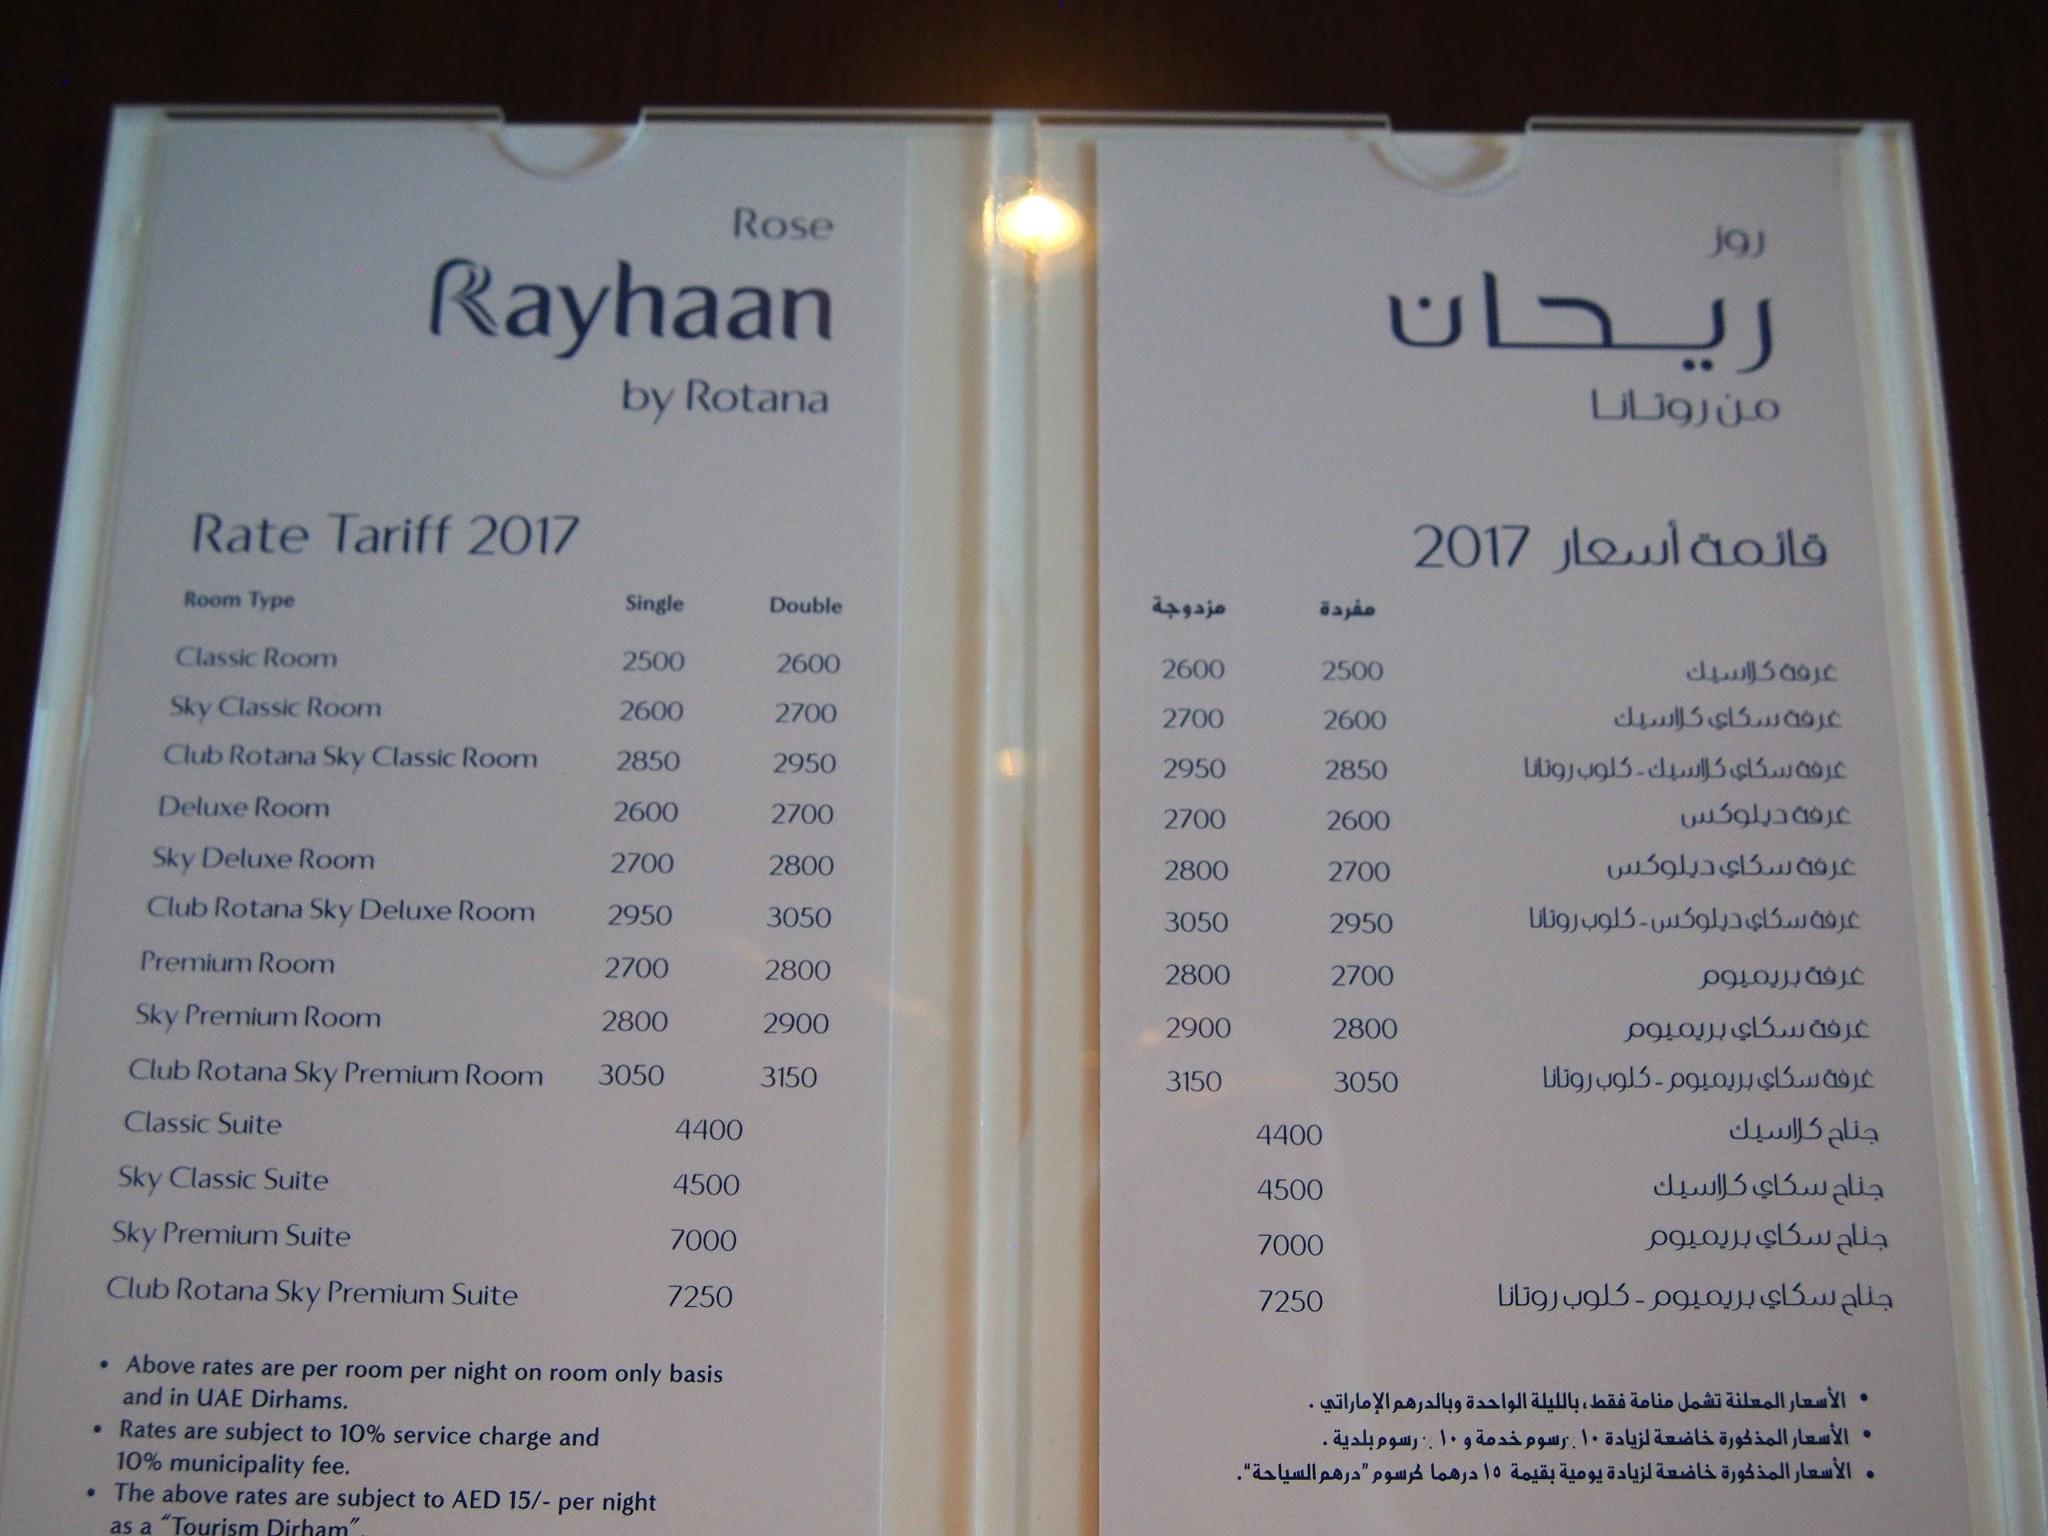 Dubai Rose Rayhaan by Rotana hinnasto Photo © Elämää ja Matkoja